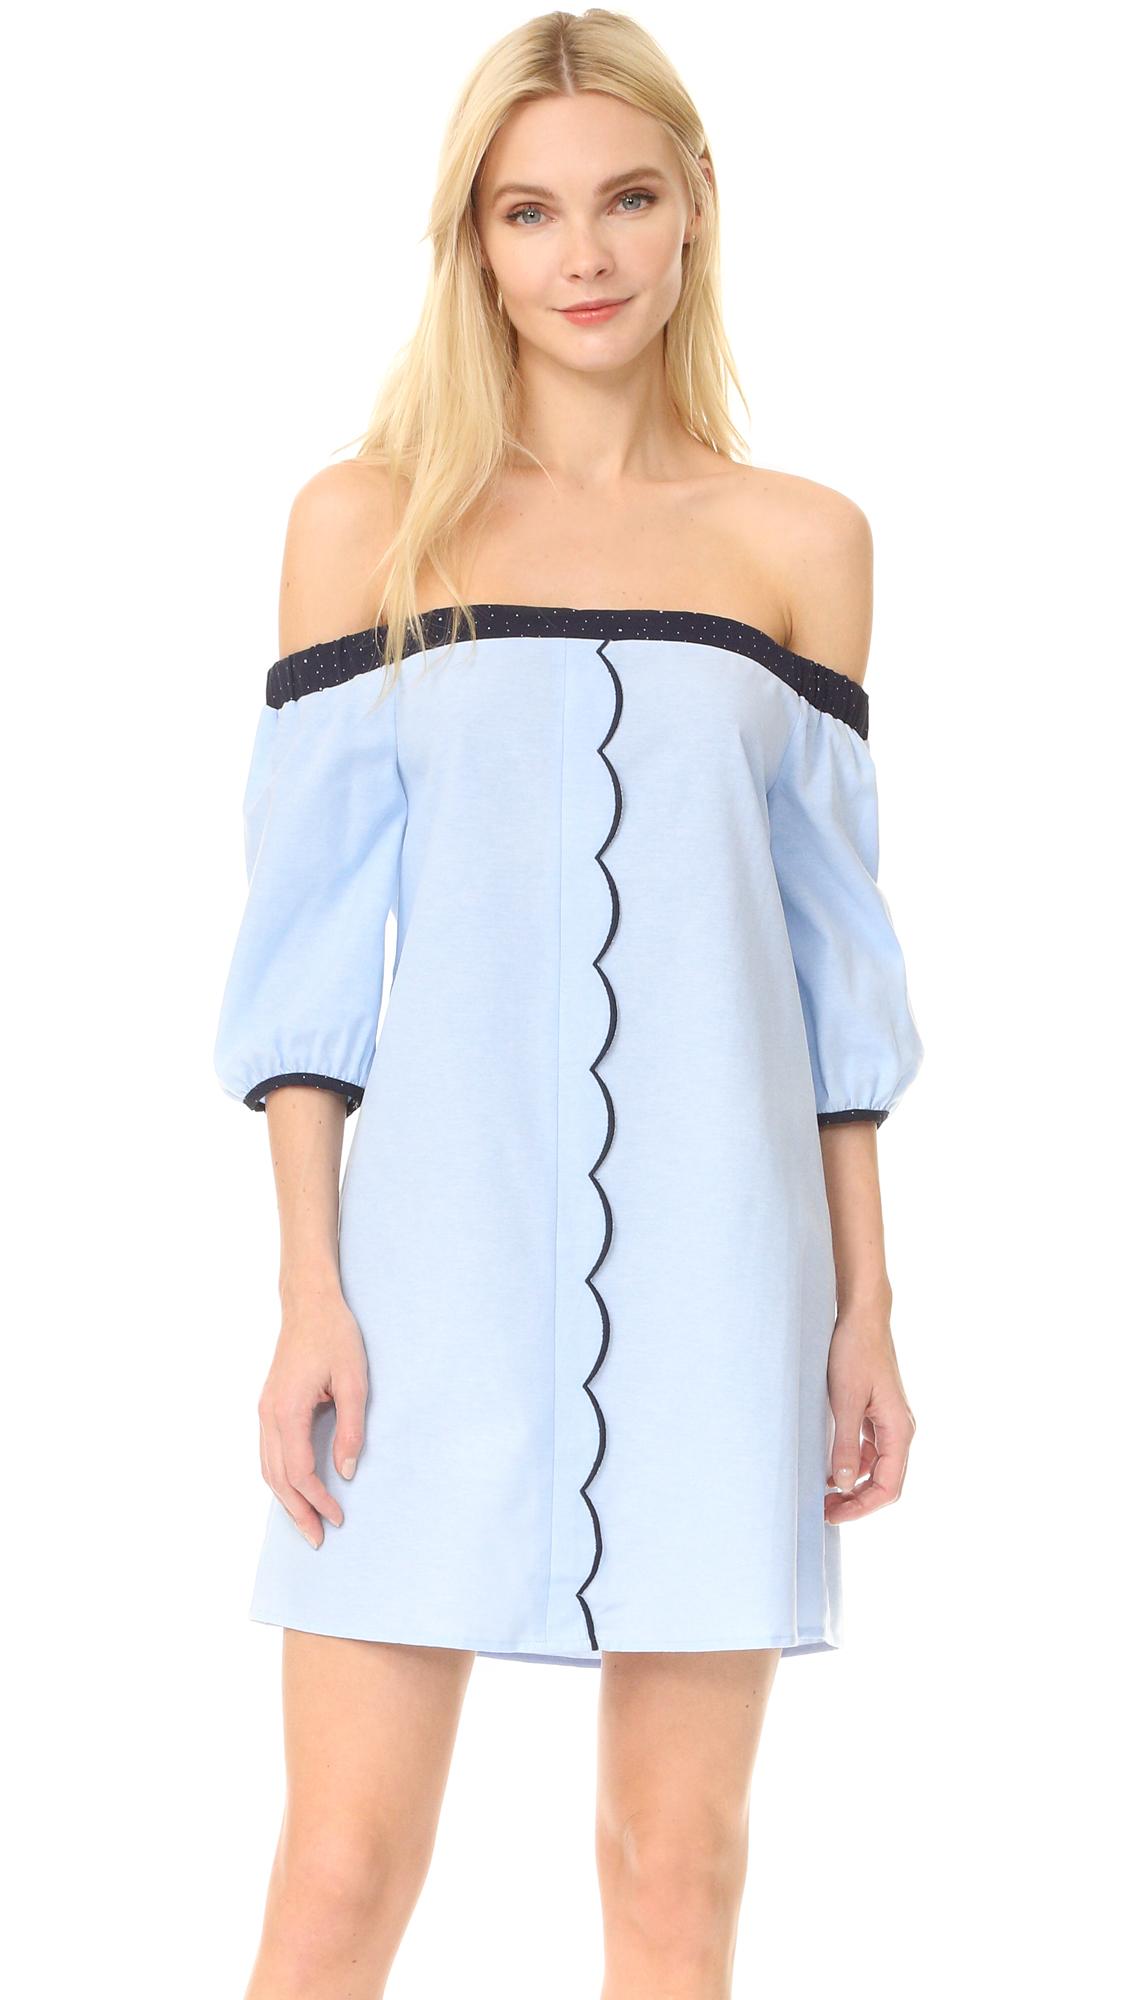 After Market Off Shoulder Dress - Blue Navy Combo at Shopbop